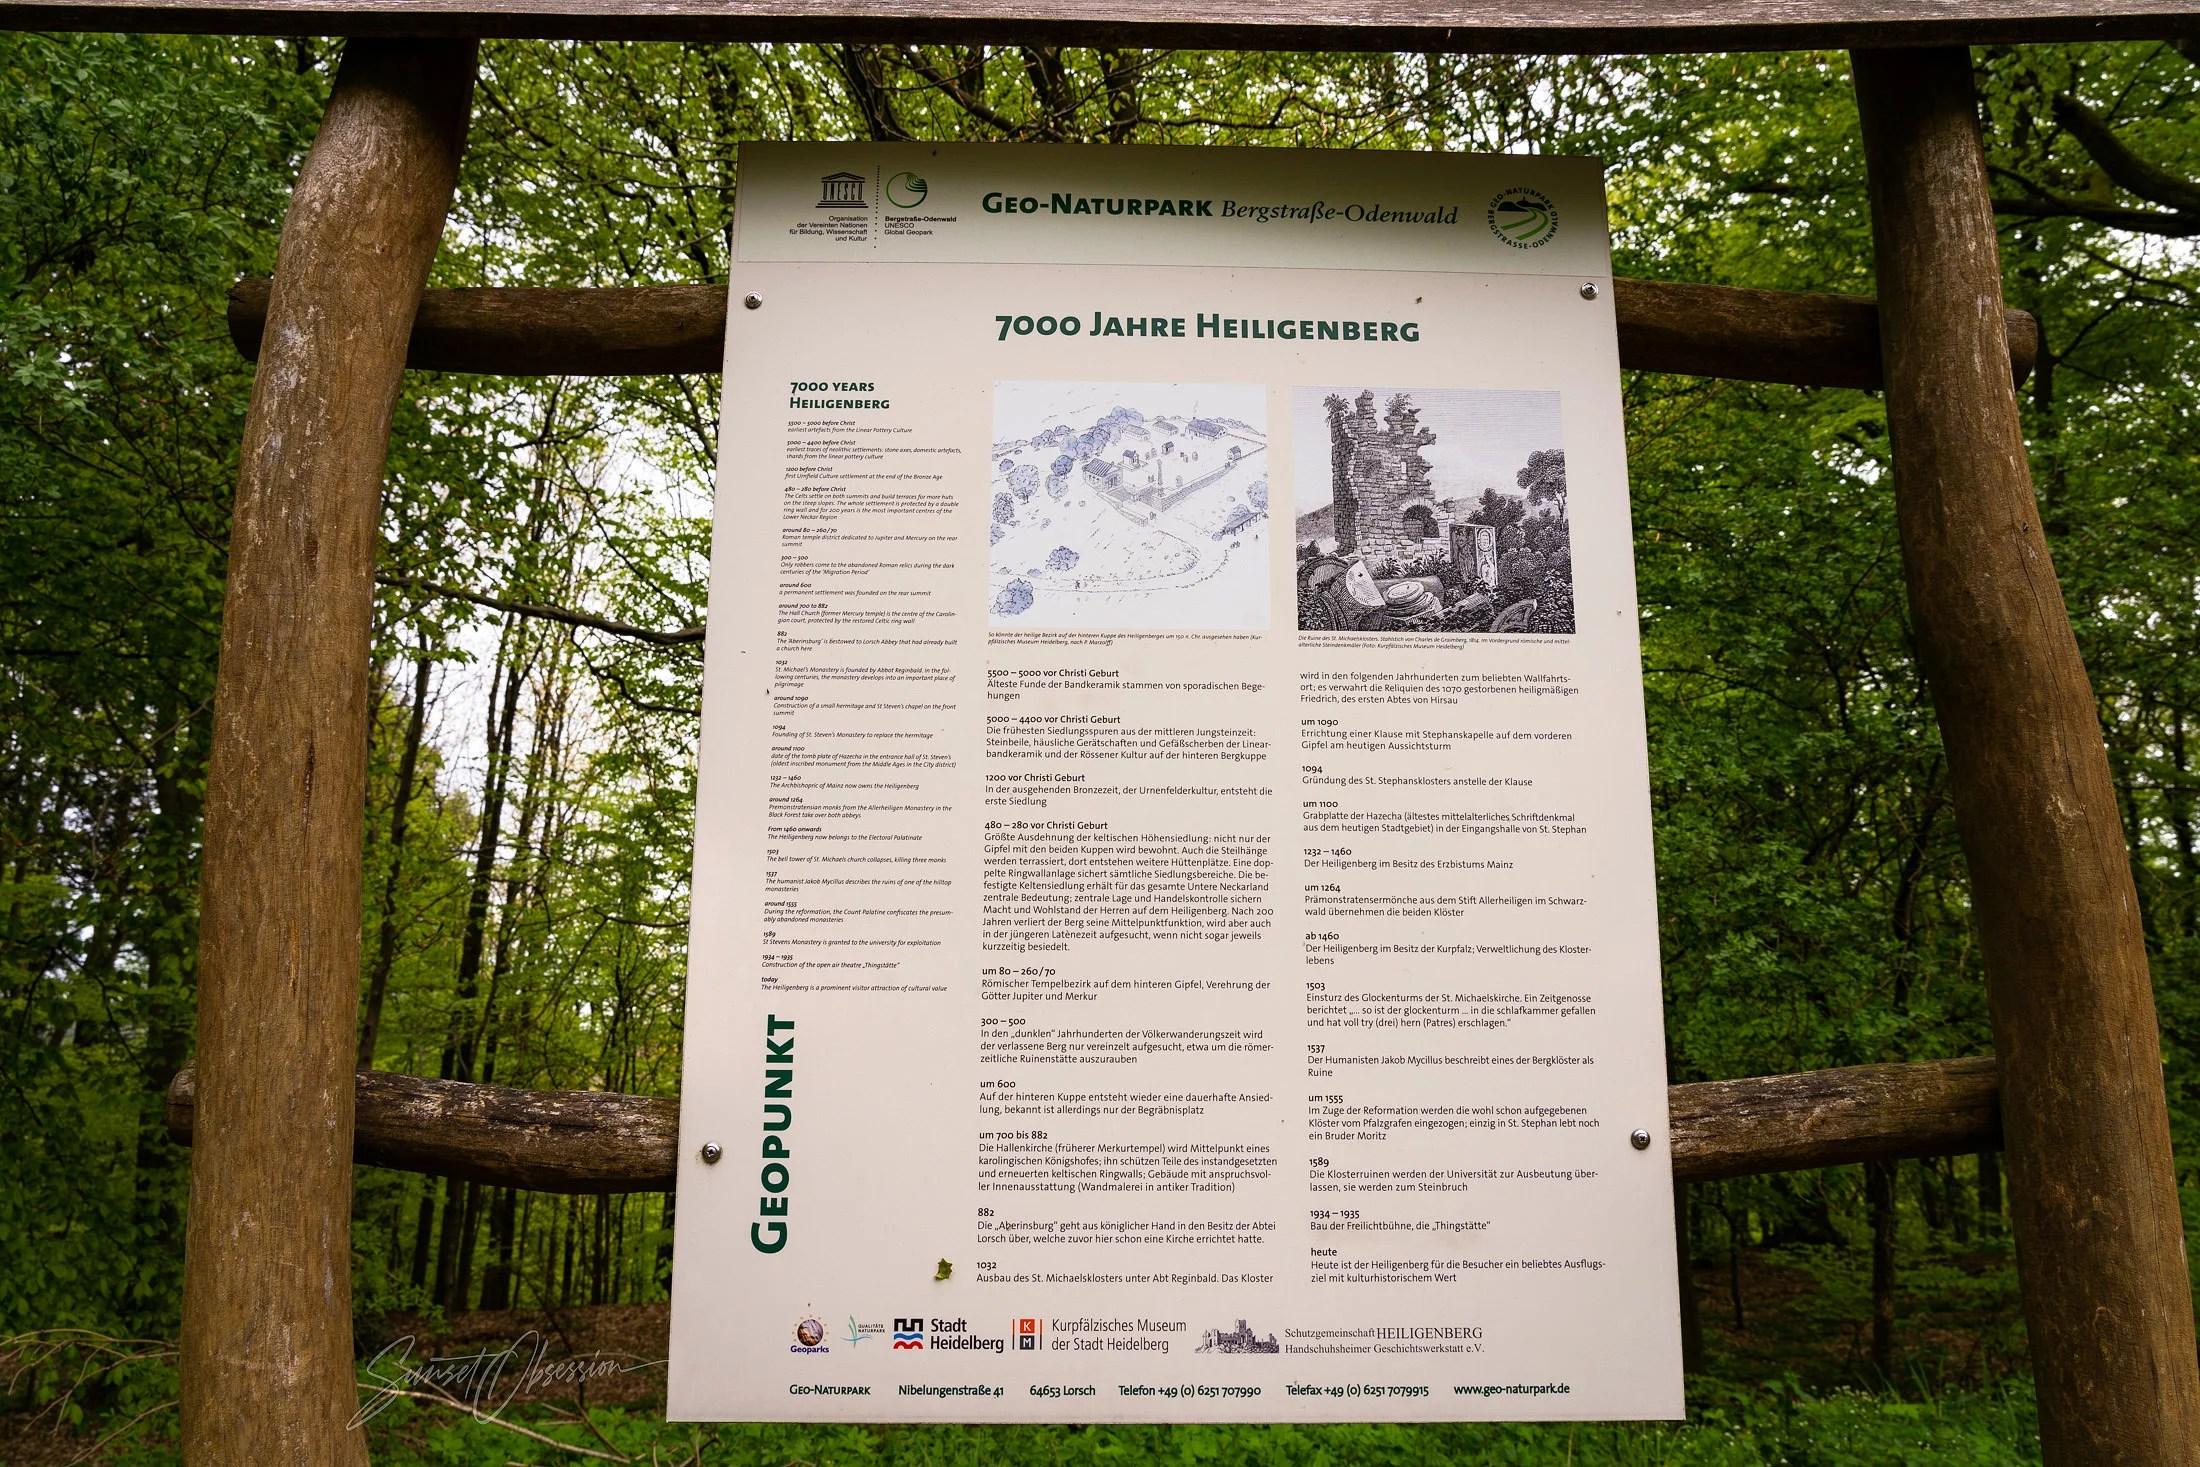 Вся 7000-летняя история Хайлигенберга в одном плакате